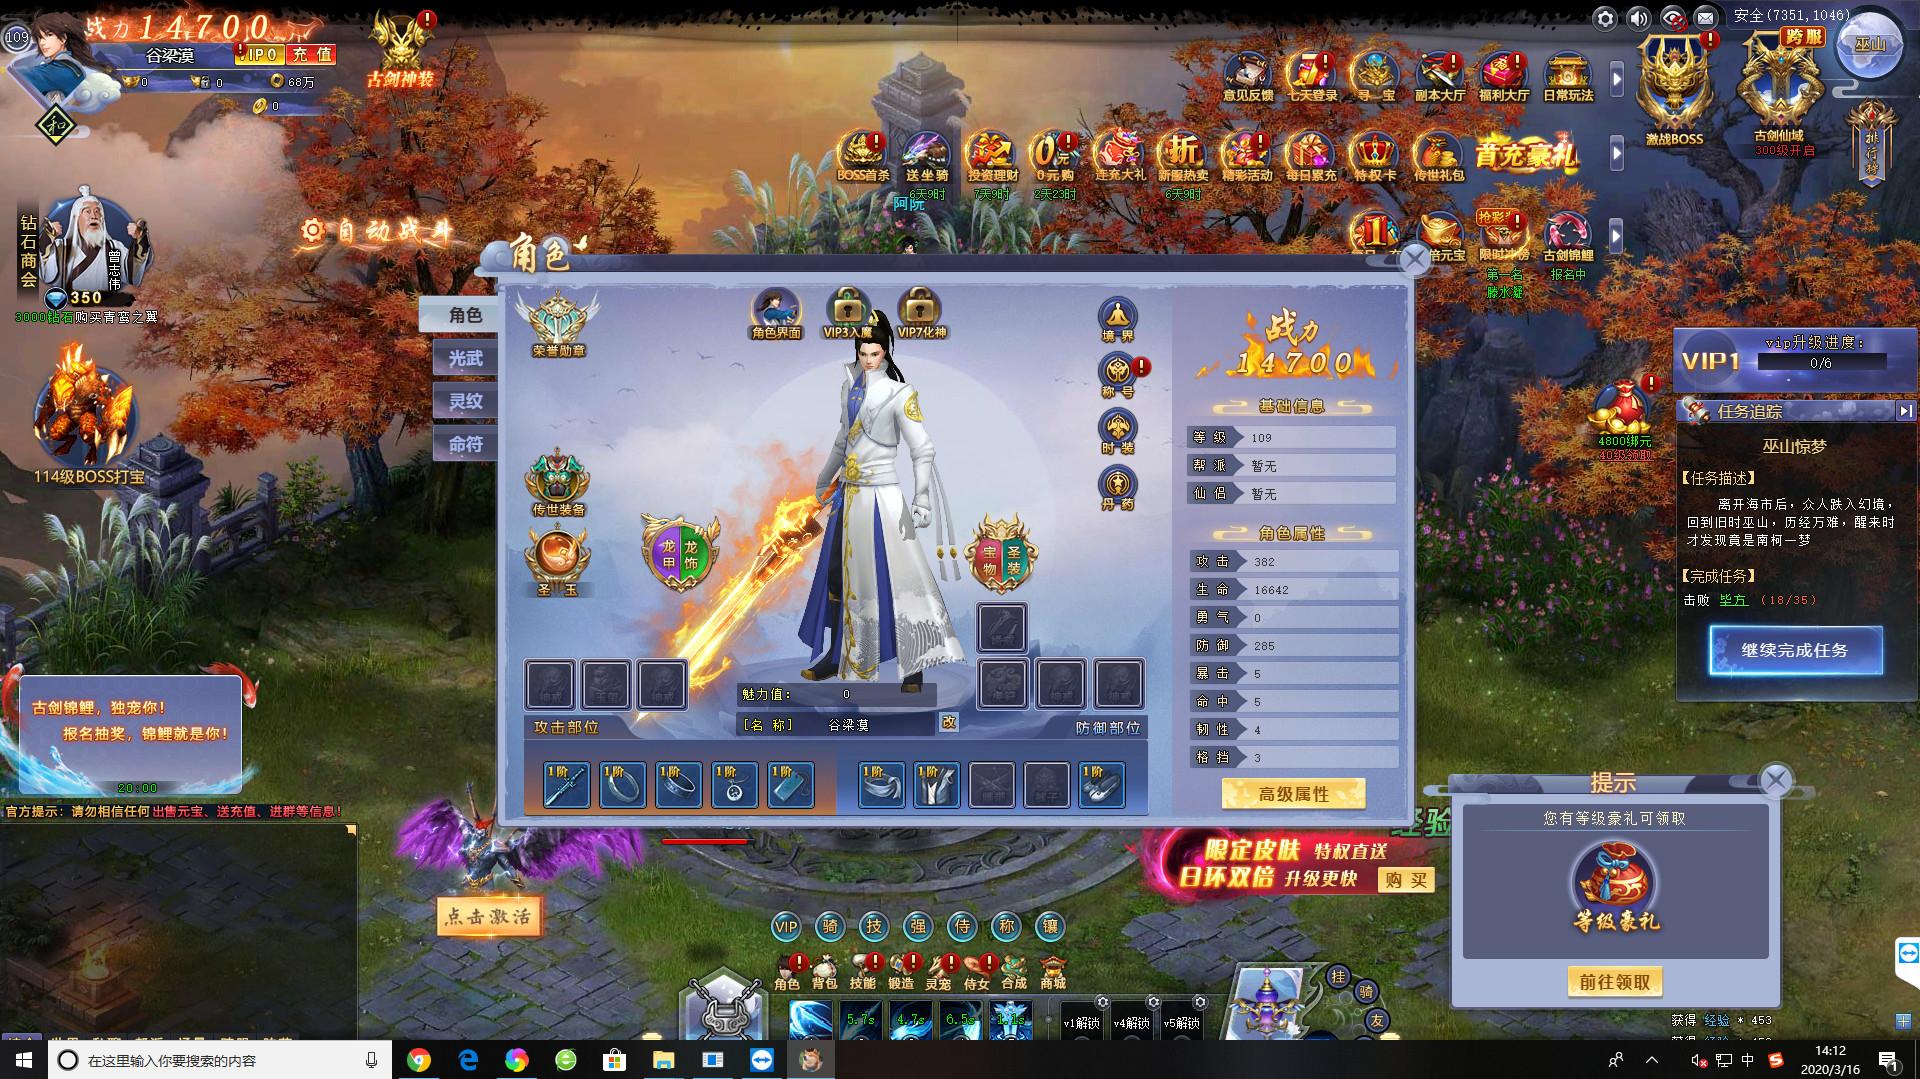 页游风格《古剑奇谭2》上架Steam 由网元圣唐开发